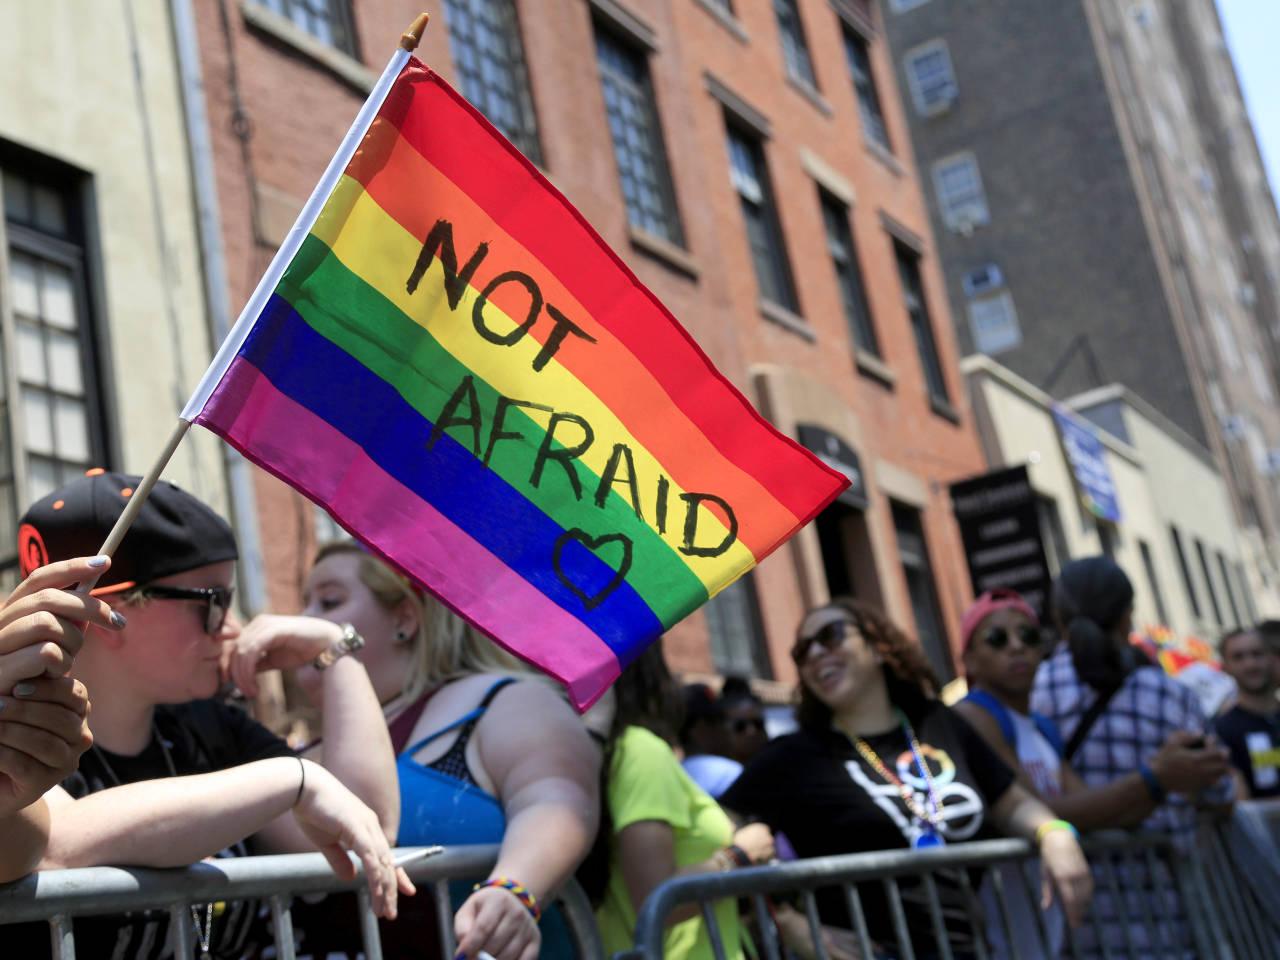 Tęczowa flaga w czasie demonstracjii z napisem NOT AFRAID